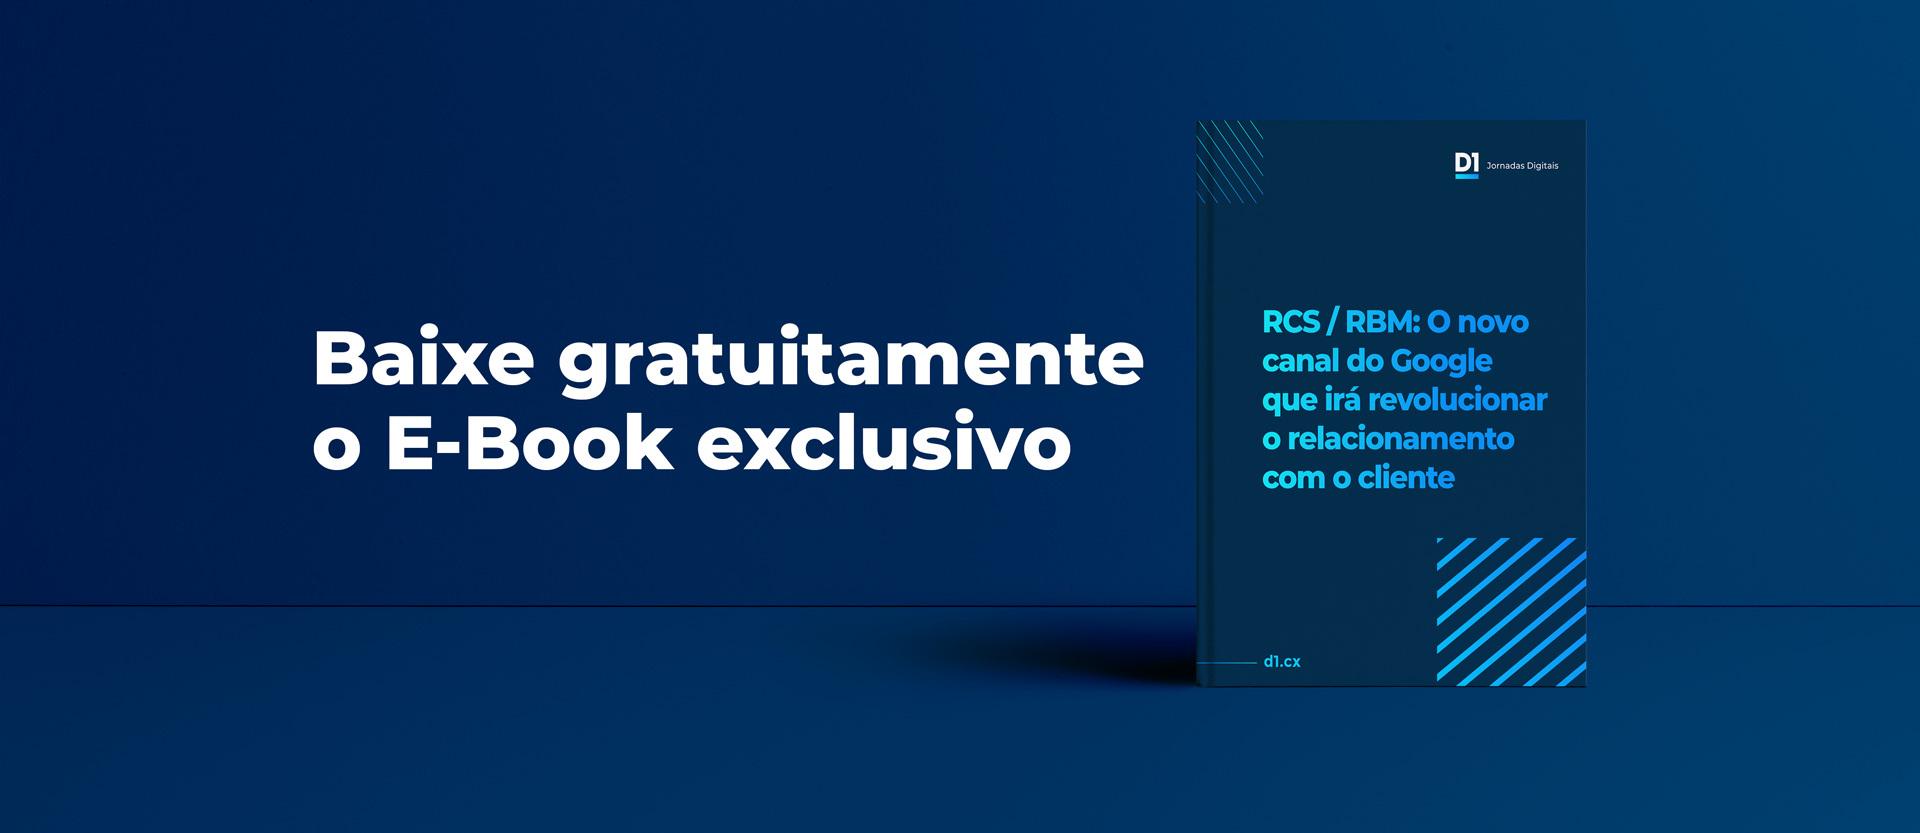 ebook-sim-comunicacoes-digitais-rcs (1)